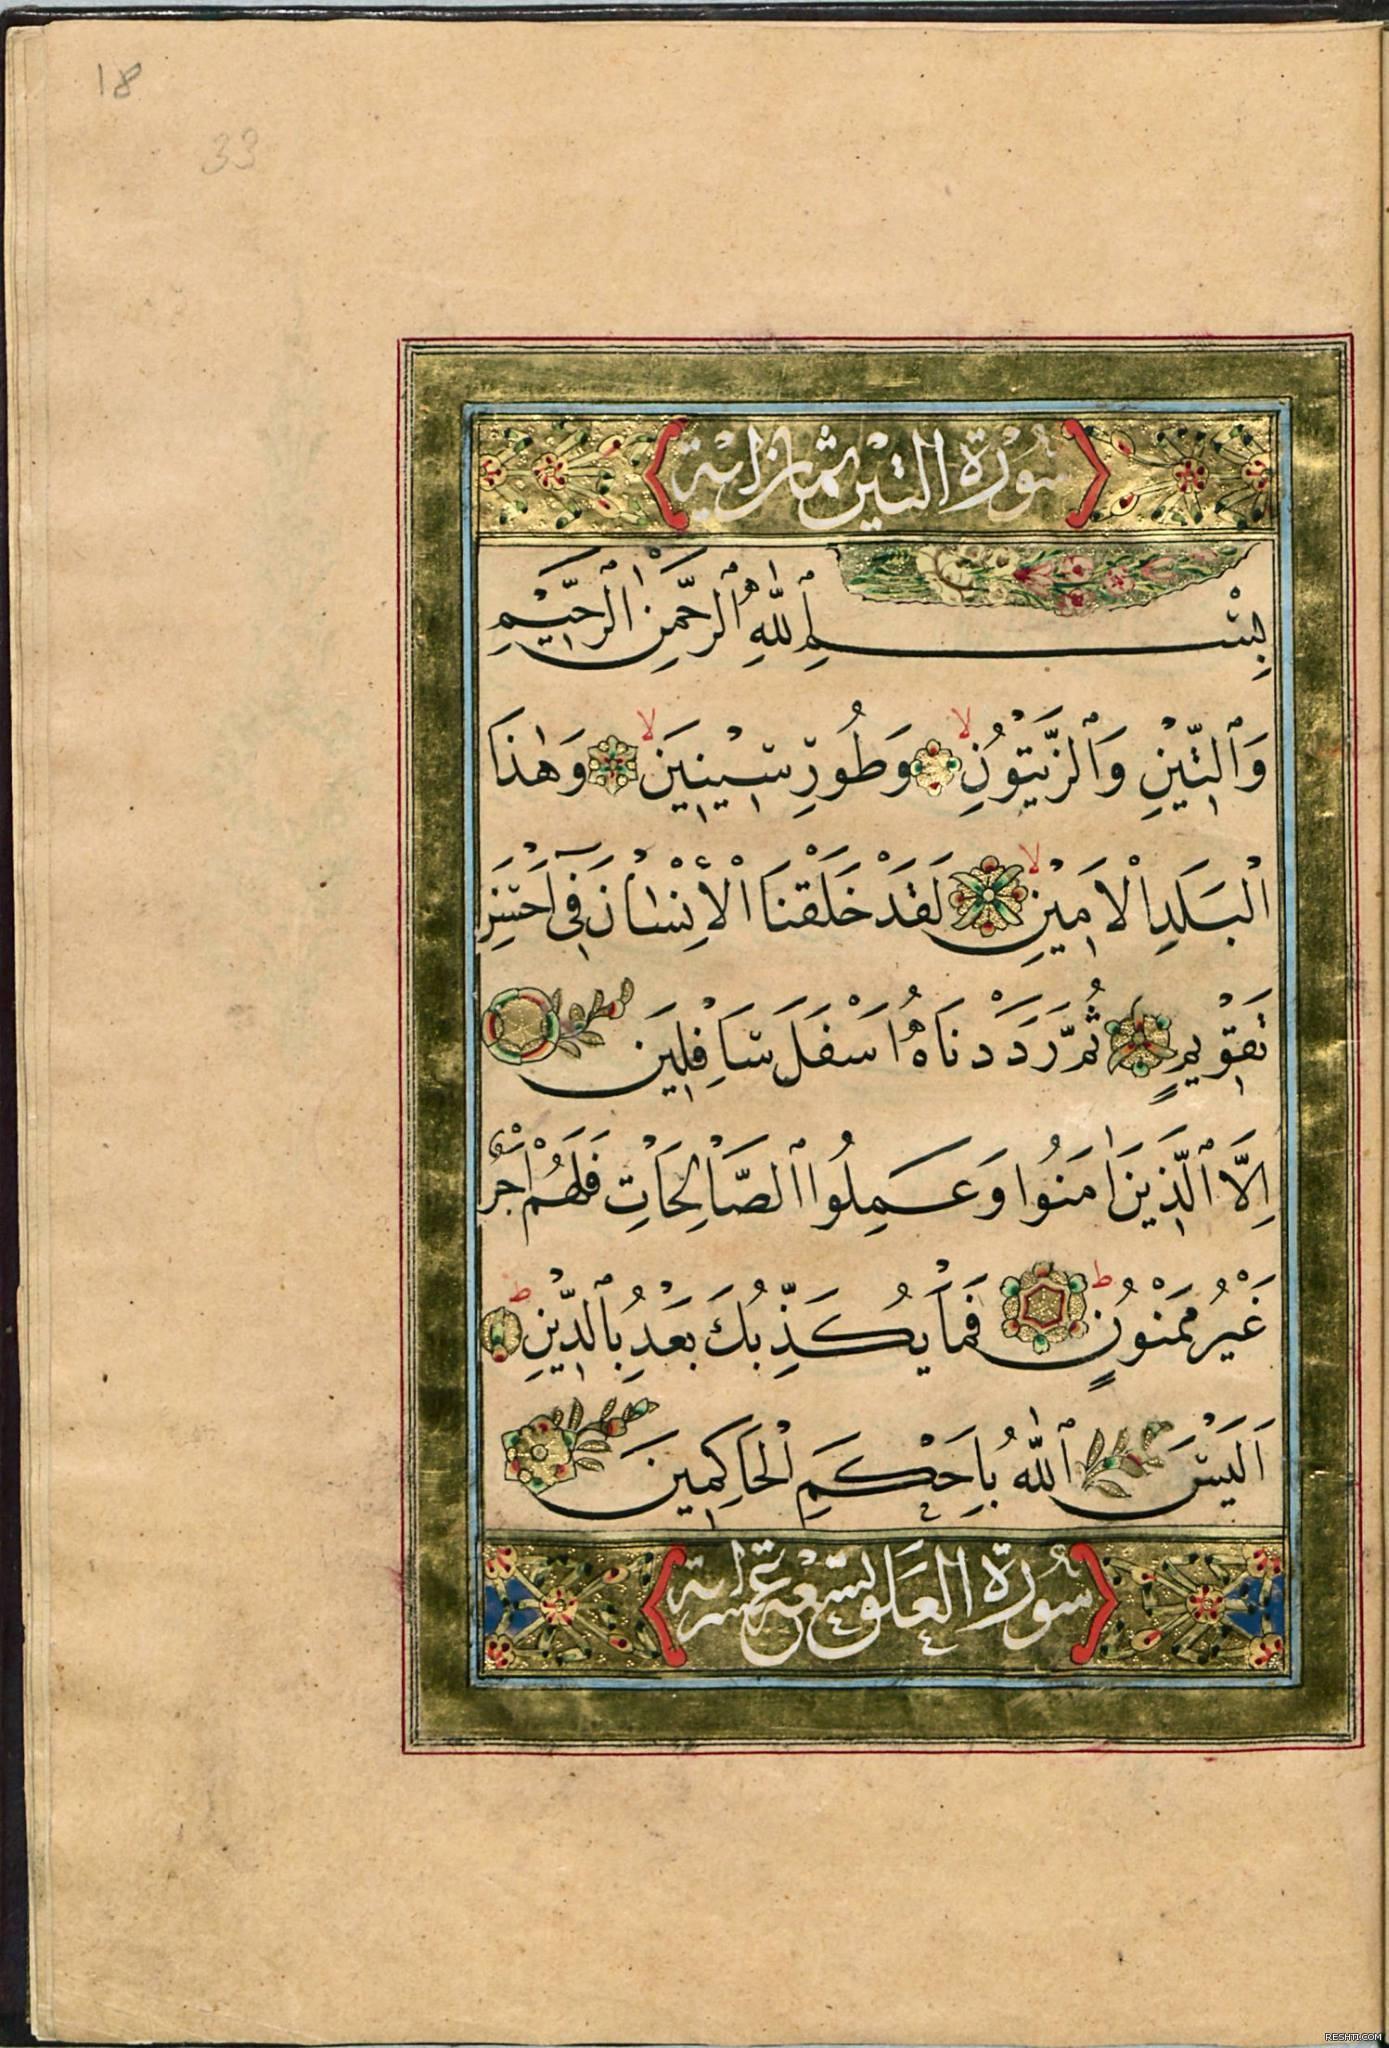 جزء عم لخطاط الحرم النبوي السيد عبد الله الزهدي التميمي 8